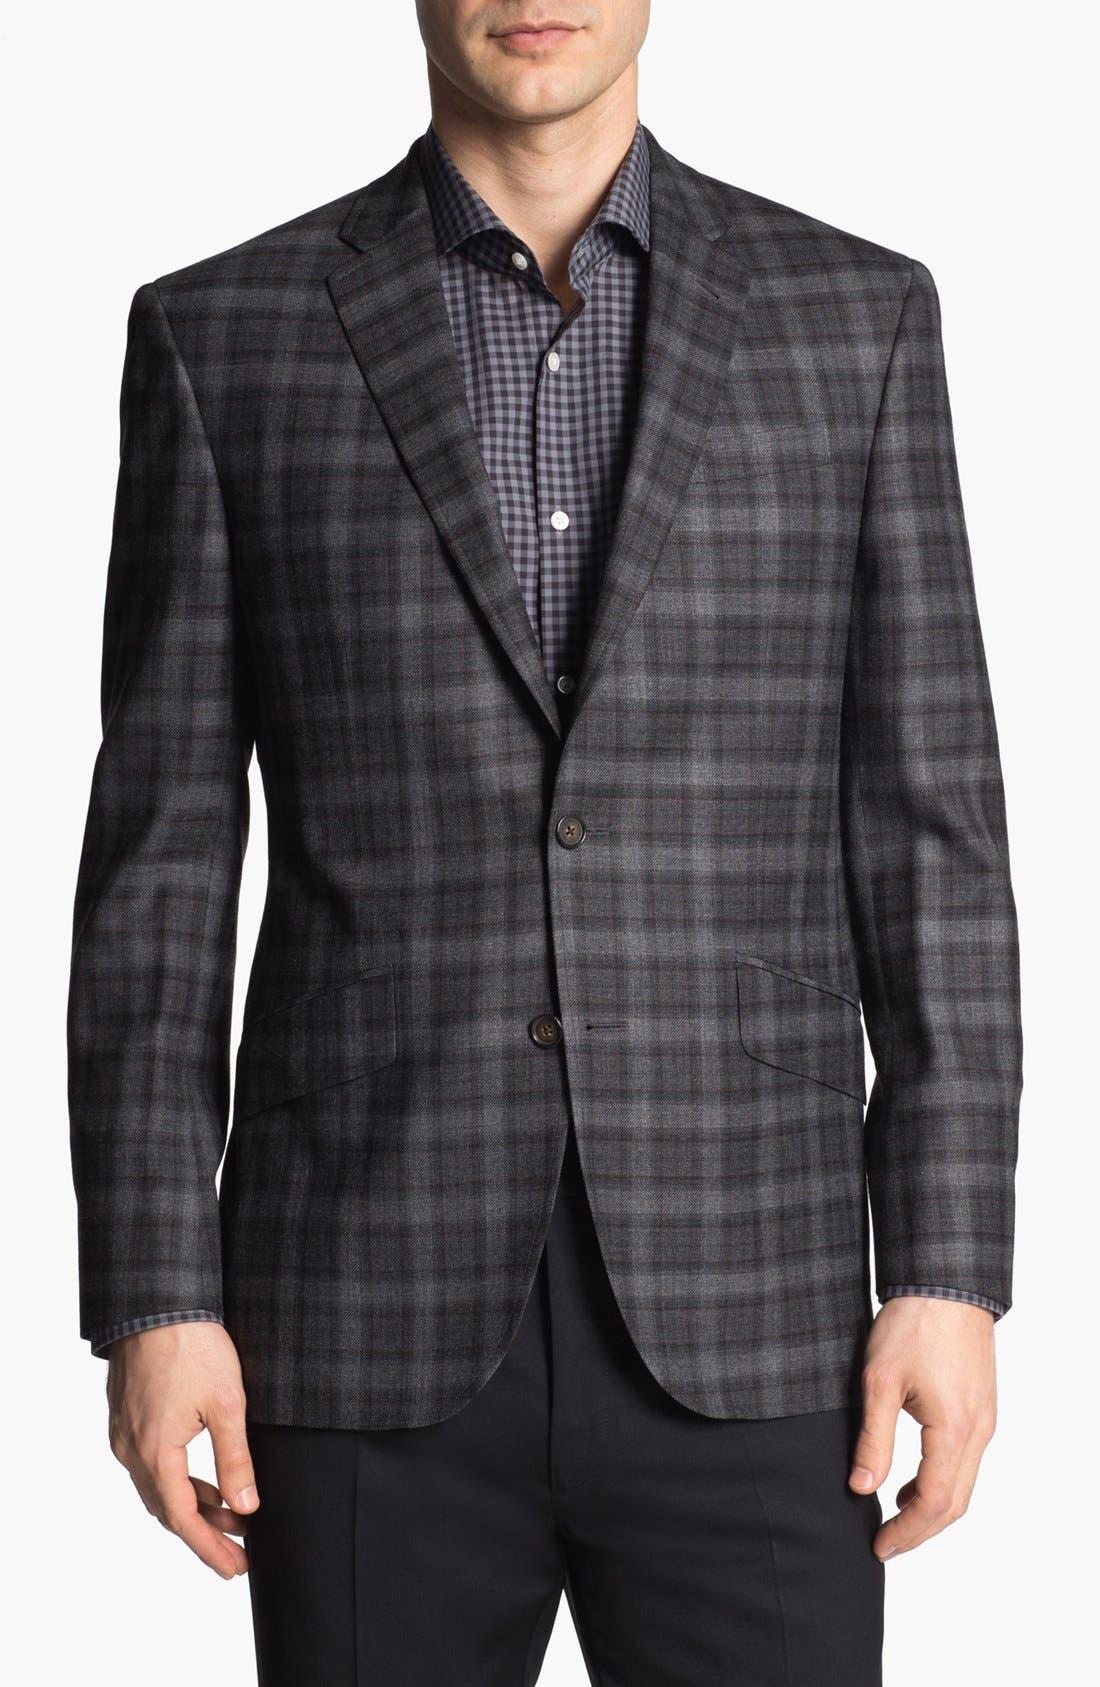 TED BAKER LONDON, 'Jones' Trim Fit Plaid Sportcoat, Main thumbnail 1, color, 020